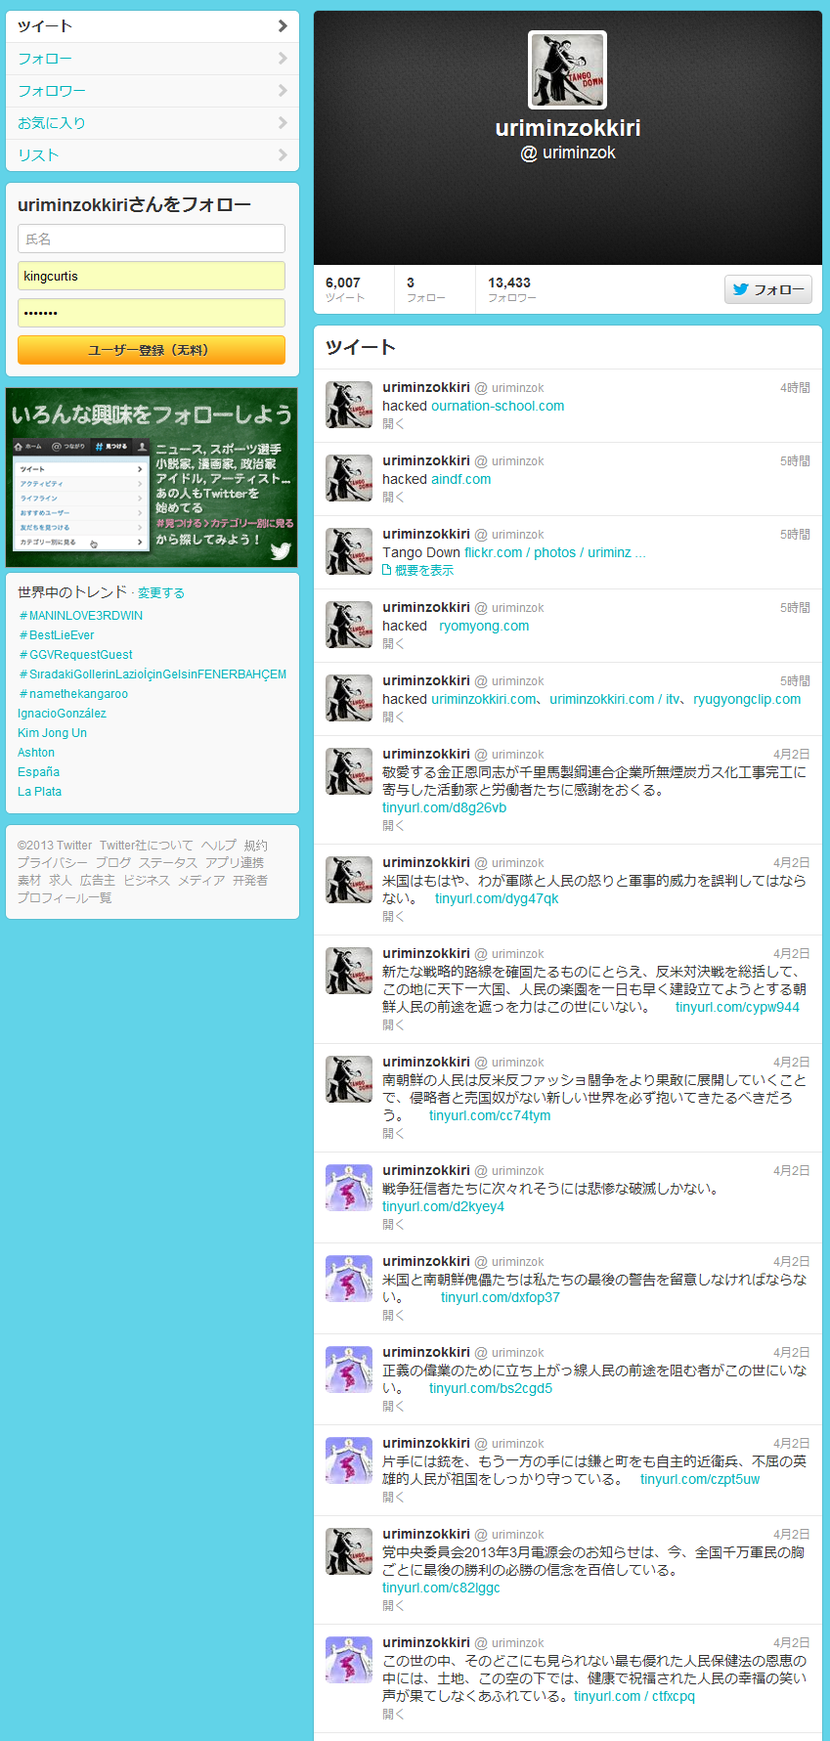 uriminzokkiri(uriminzok)さんはTwitterを使っています